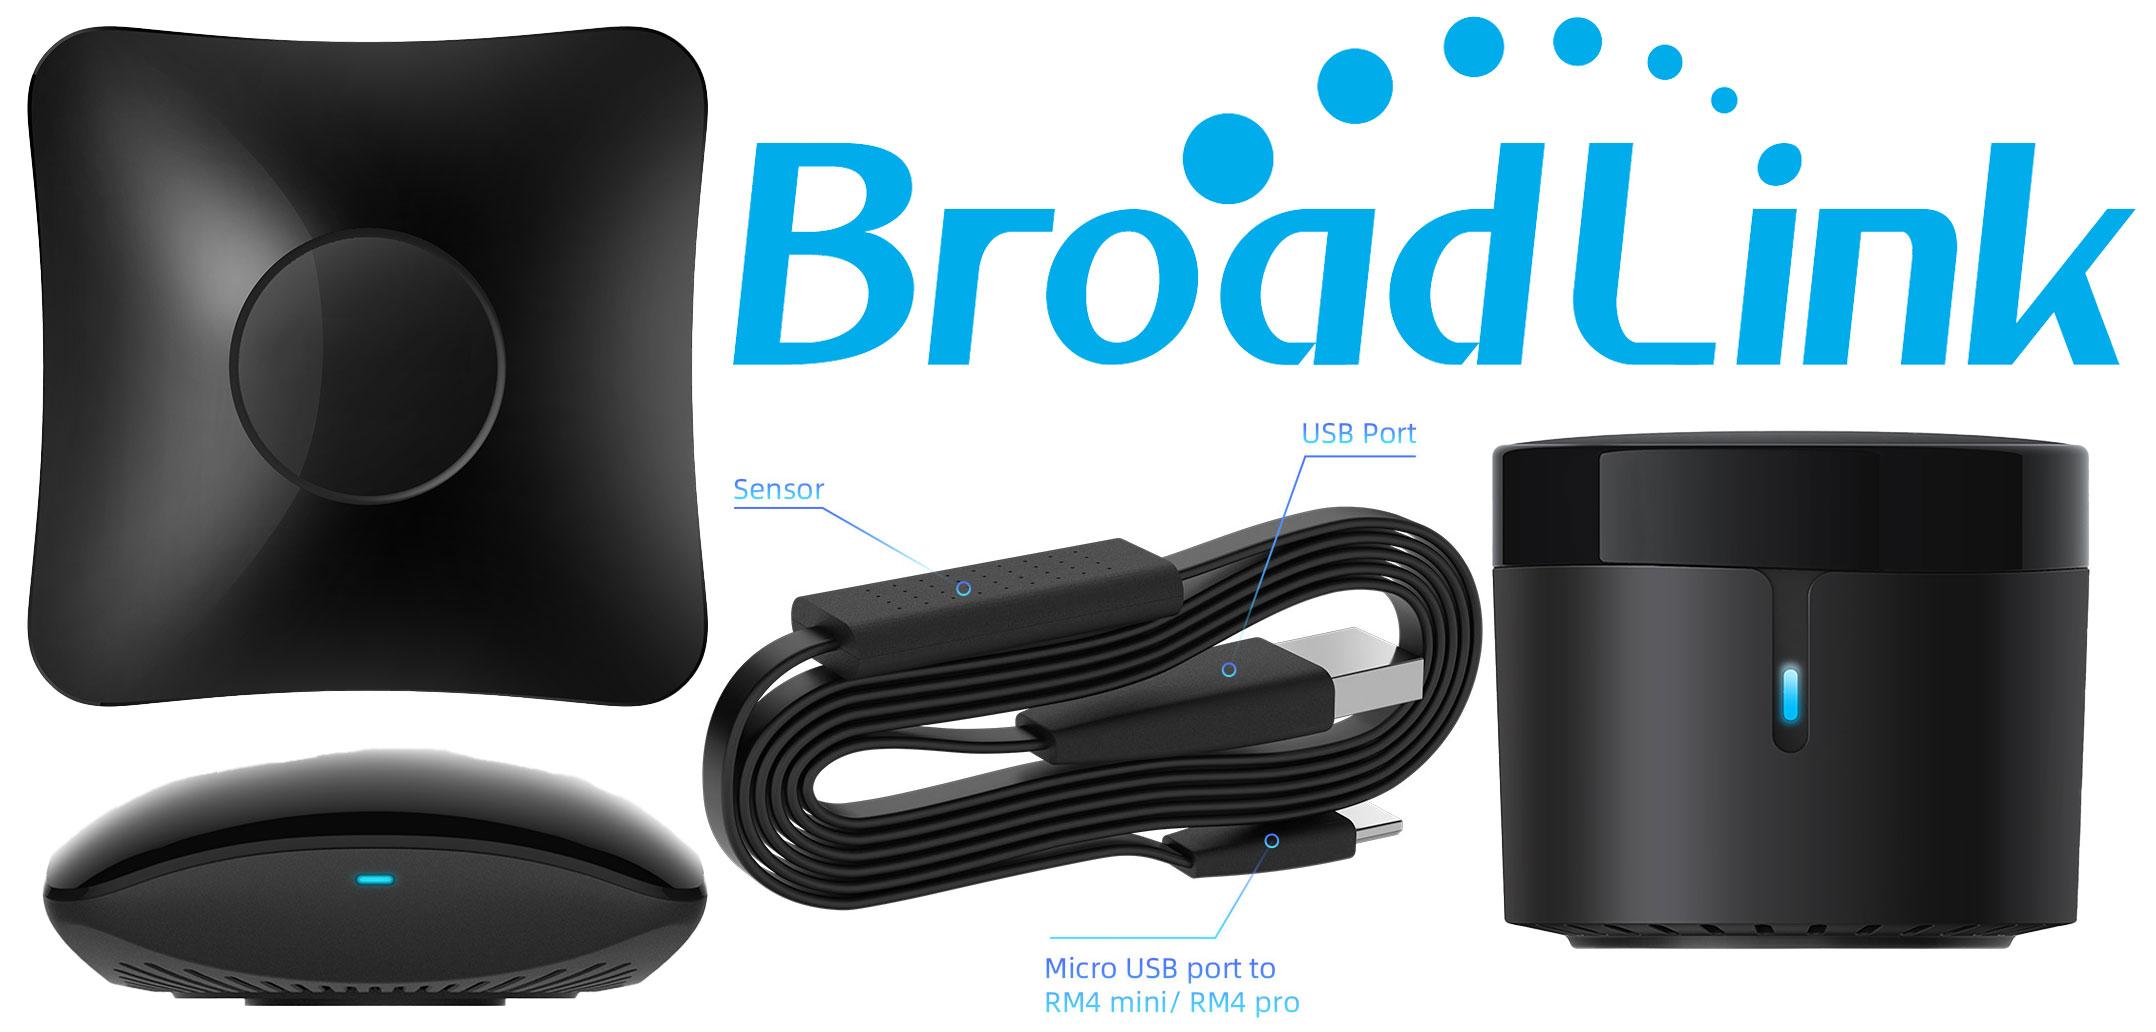 Prodotti Domotici Cosa Sono tecnologia amica / broadlink rm4 mini e pro: controllo